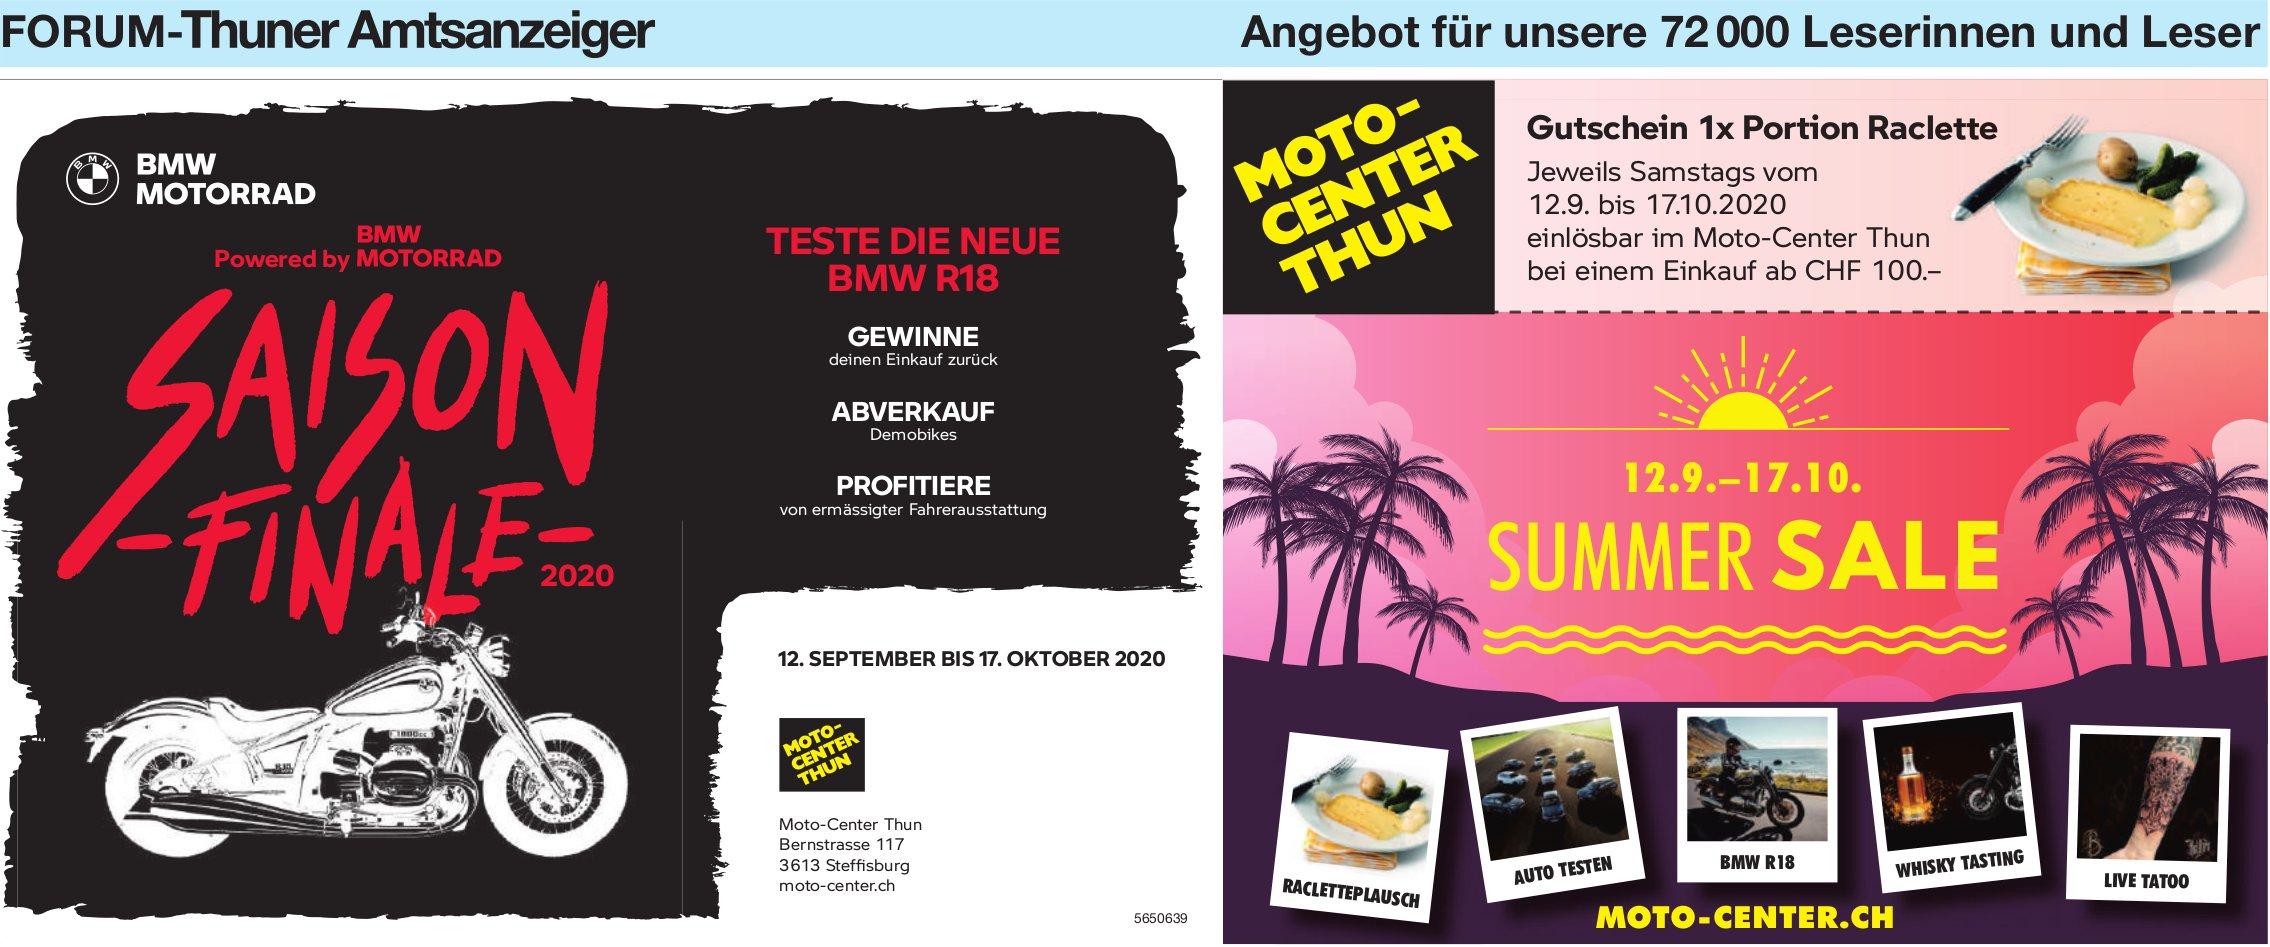 Forum-Thuner Amtsanzeiger - Summer Sale, 12. Sept. bis 17. Okt., Mottocenter Thun, Steffisburg